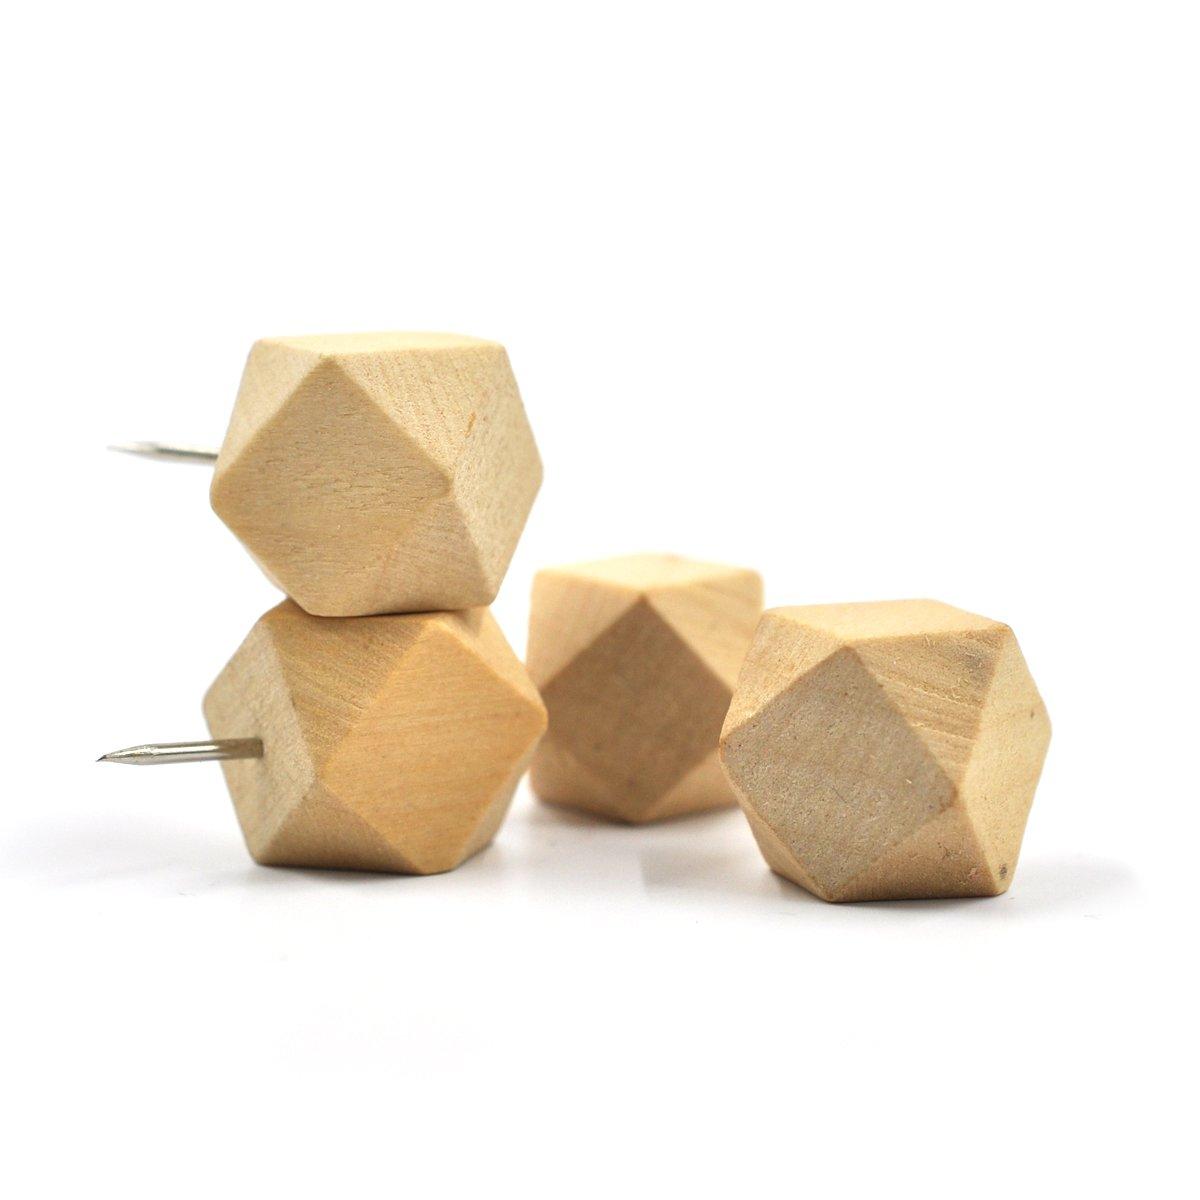 geometrische Grafik eZAKKA 30-teilig Holz Pinnadeln Holz Rei/ßzwecken Push Pins Daumen N/ägel Deko f/ür Kork-Pinnw/ände Karte Fotos Kalender Hause B/üro Kraft Projekte mit Box